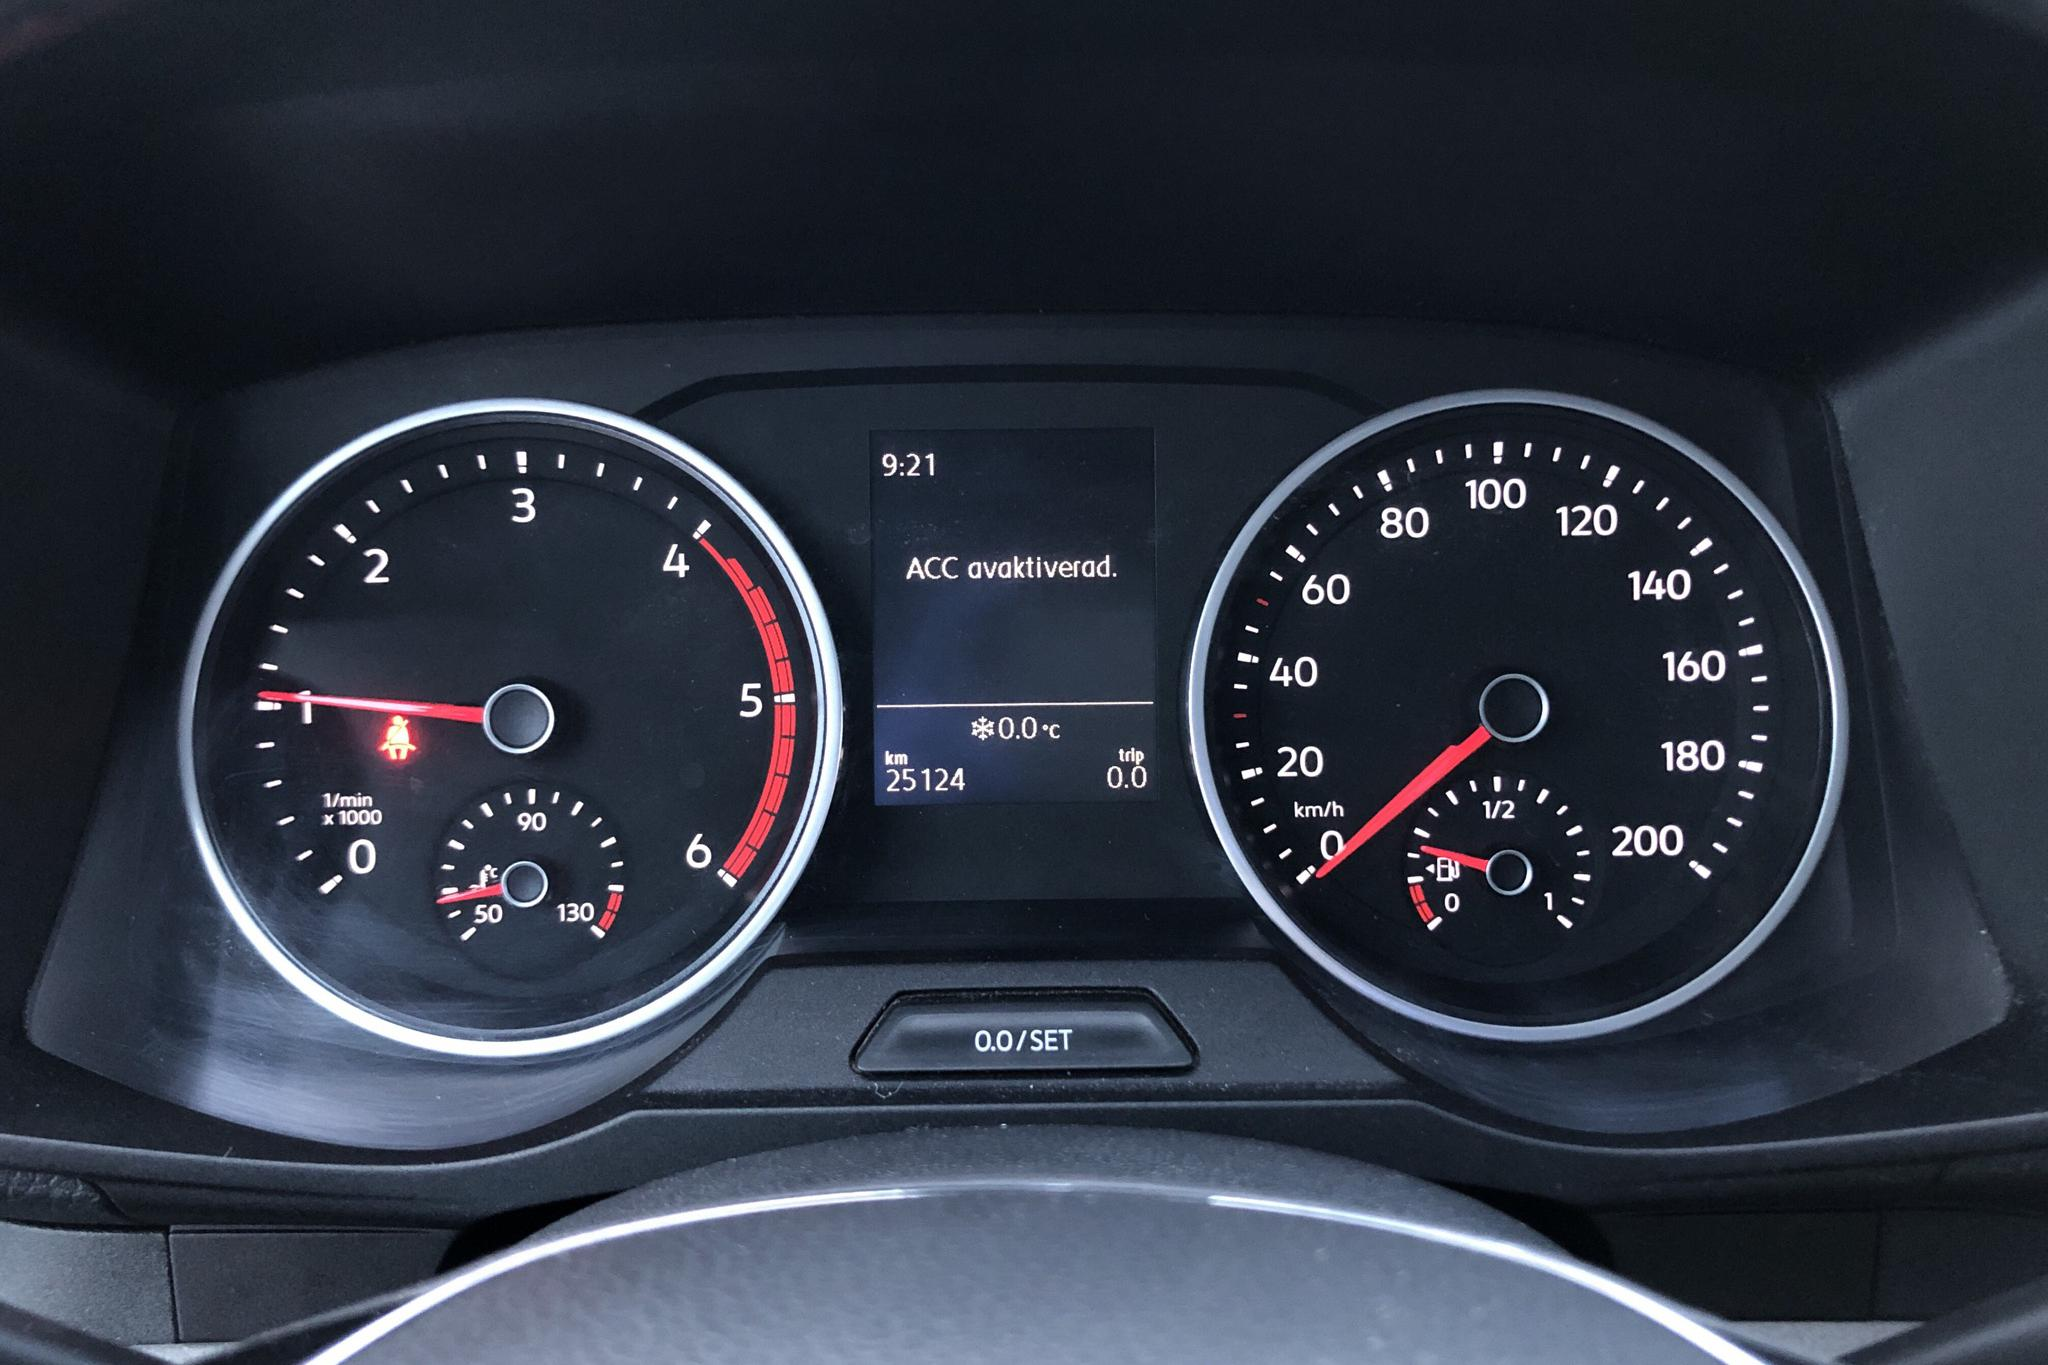 VW Crafter 35 2.0 TDI Skåp (177hk) - 2 512 mil - Manuell - vit - 2019